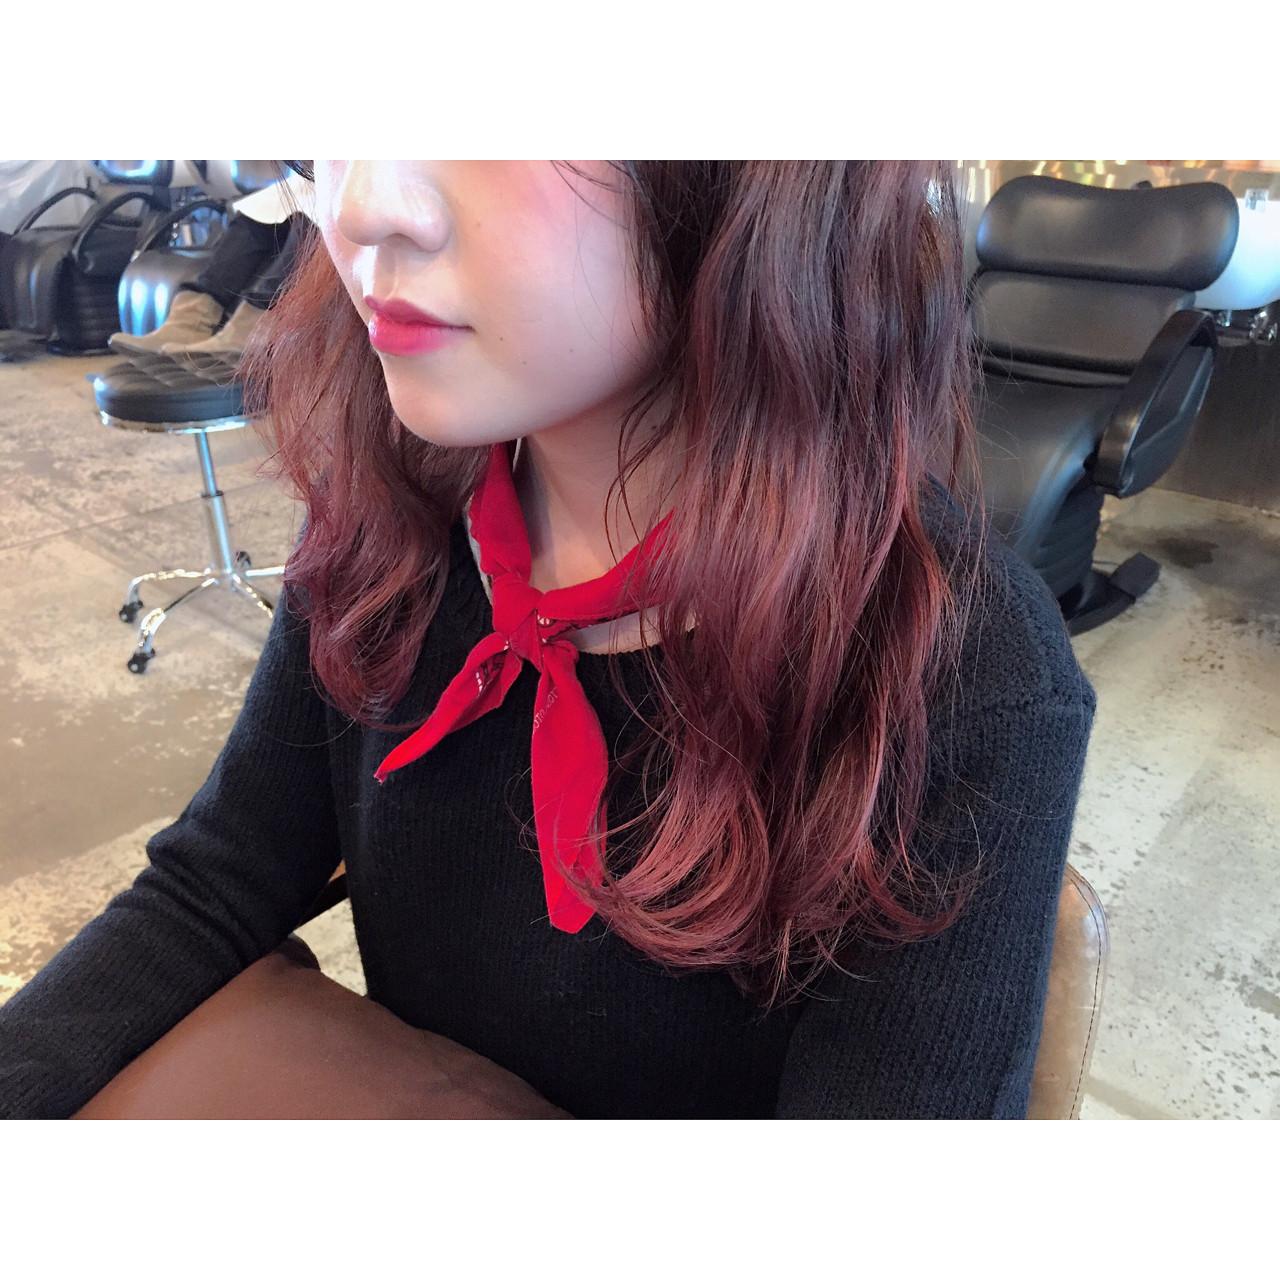 レッド ピンク グラデーションカラー ロング ヘアスタイルや髪型の写真・画像 | 竹ケ鼻唯 / SUN